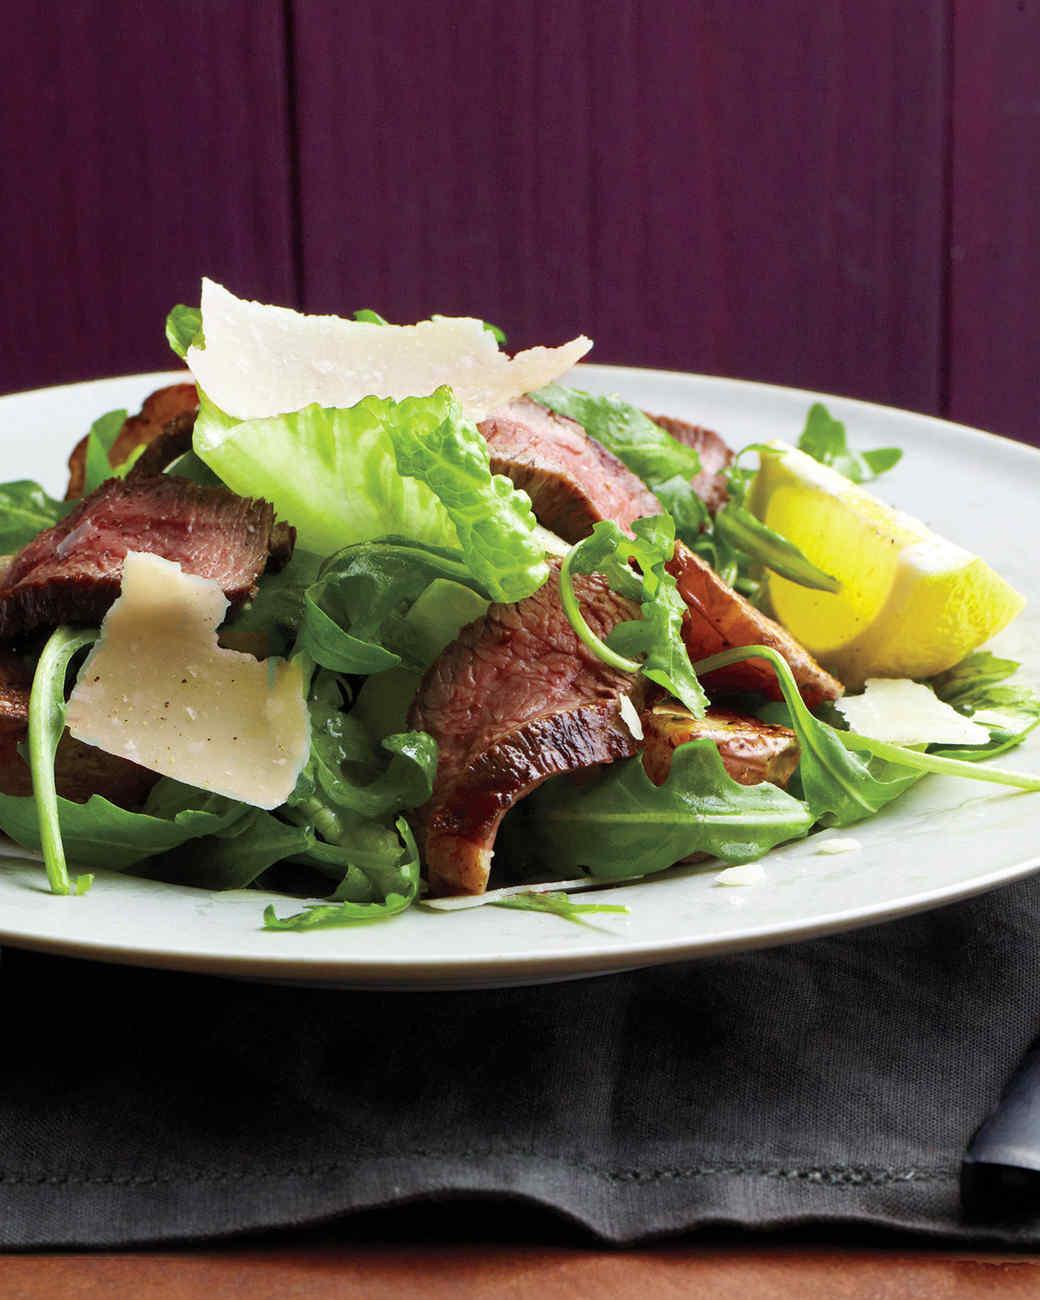 med106461_0111_bag_steak_salad.jpg